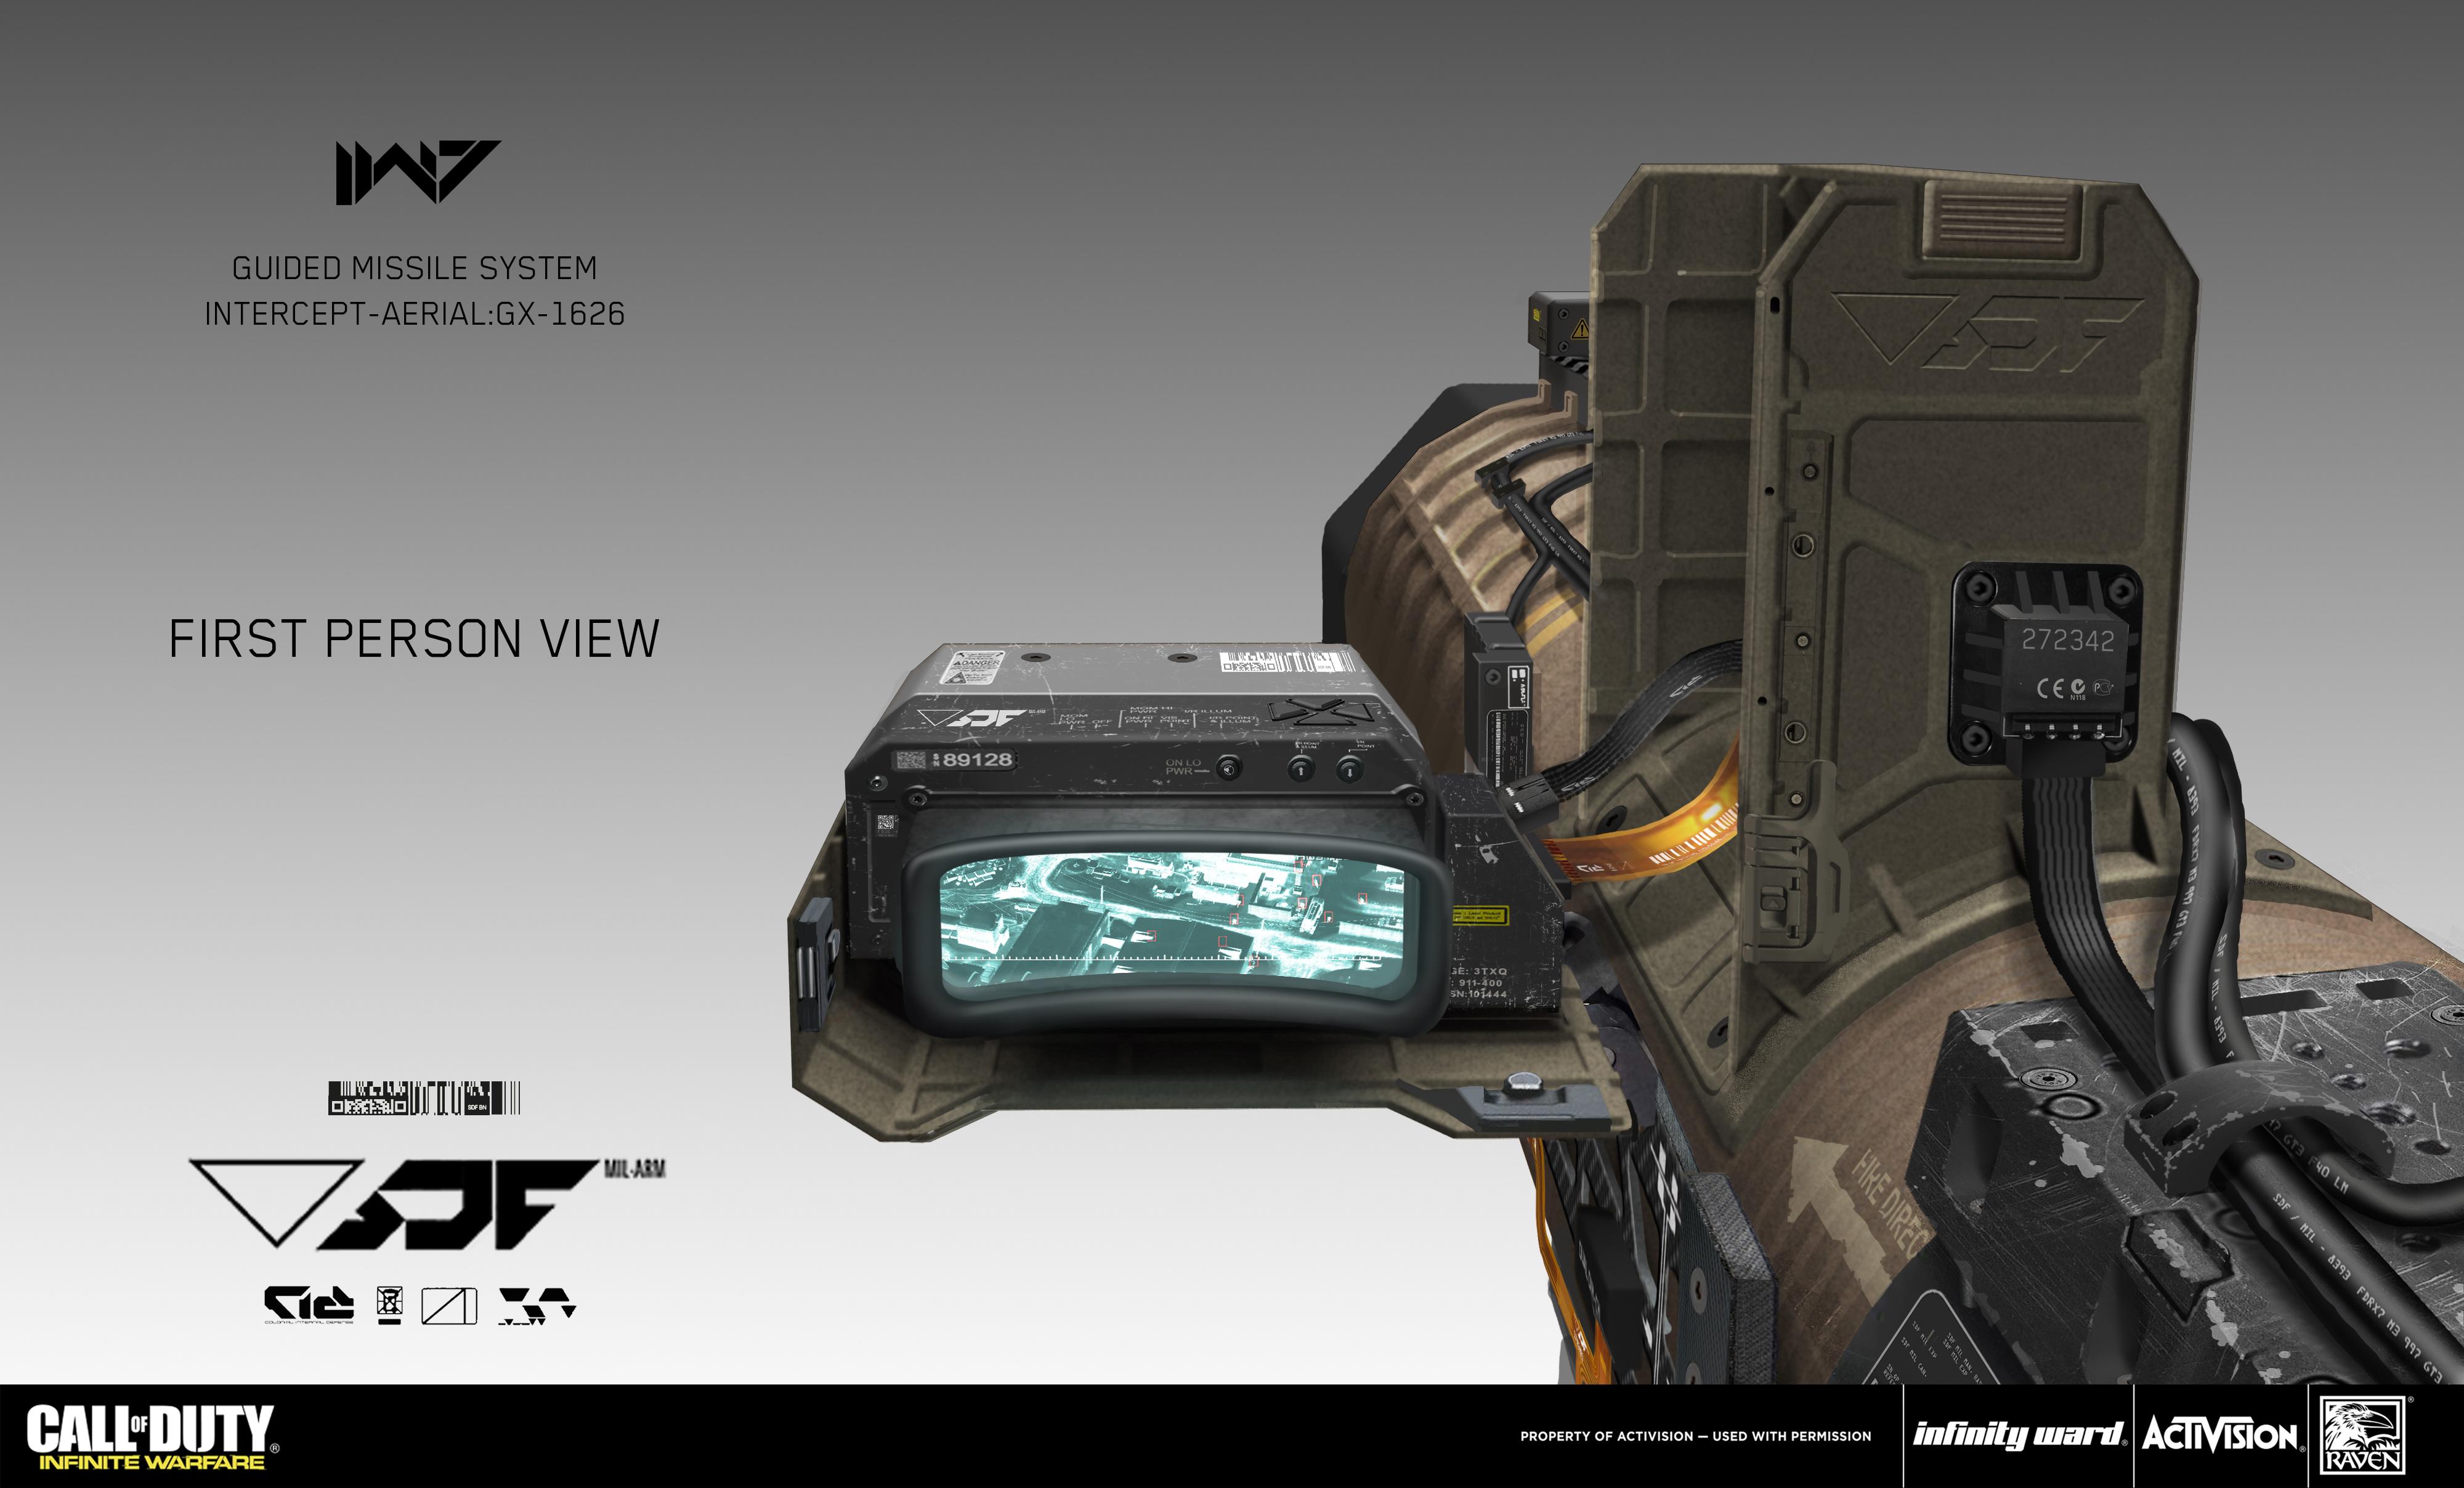 PROP_sko_iw7_03-16-16_rocket_launcher_pov